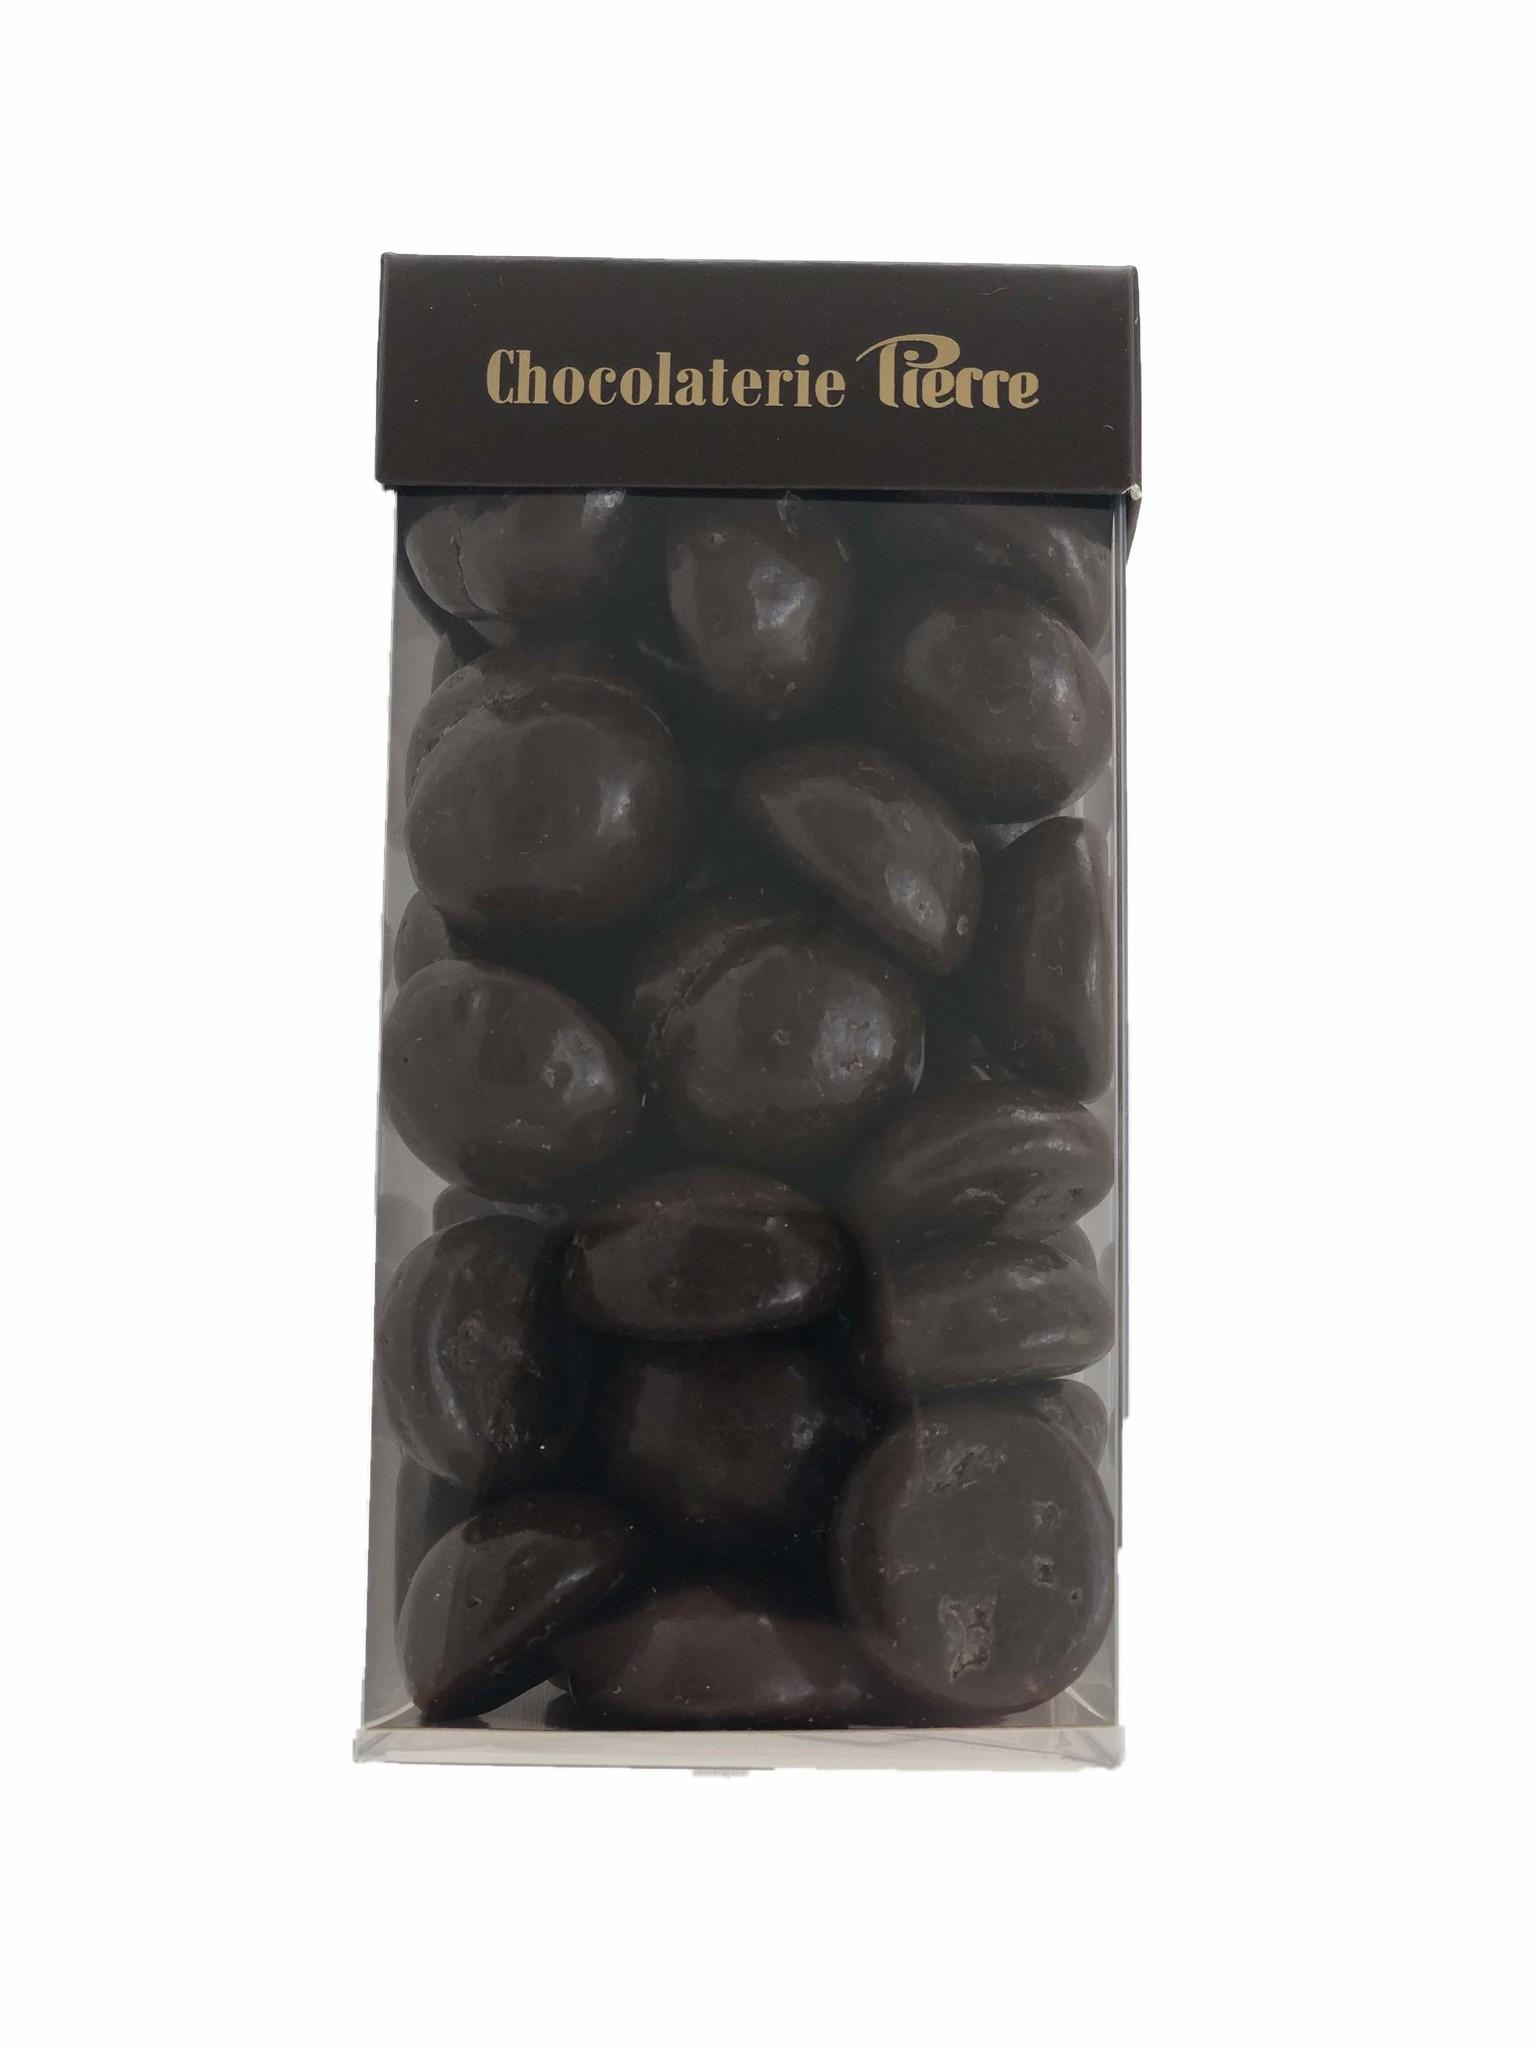 Chocolade pepernoten, lekkernij voor Sinterklaas!